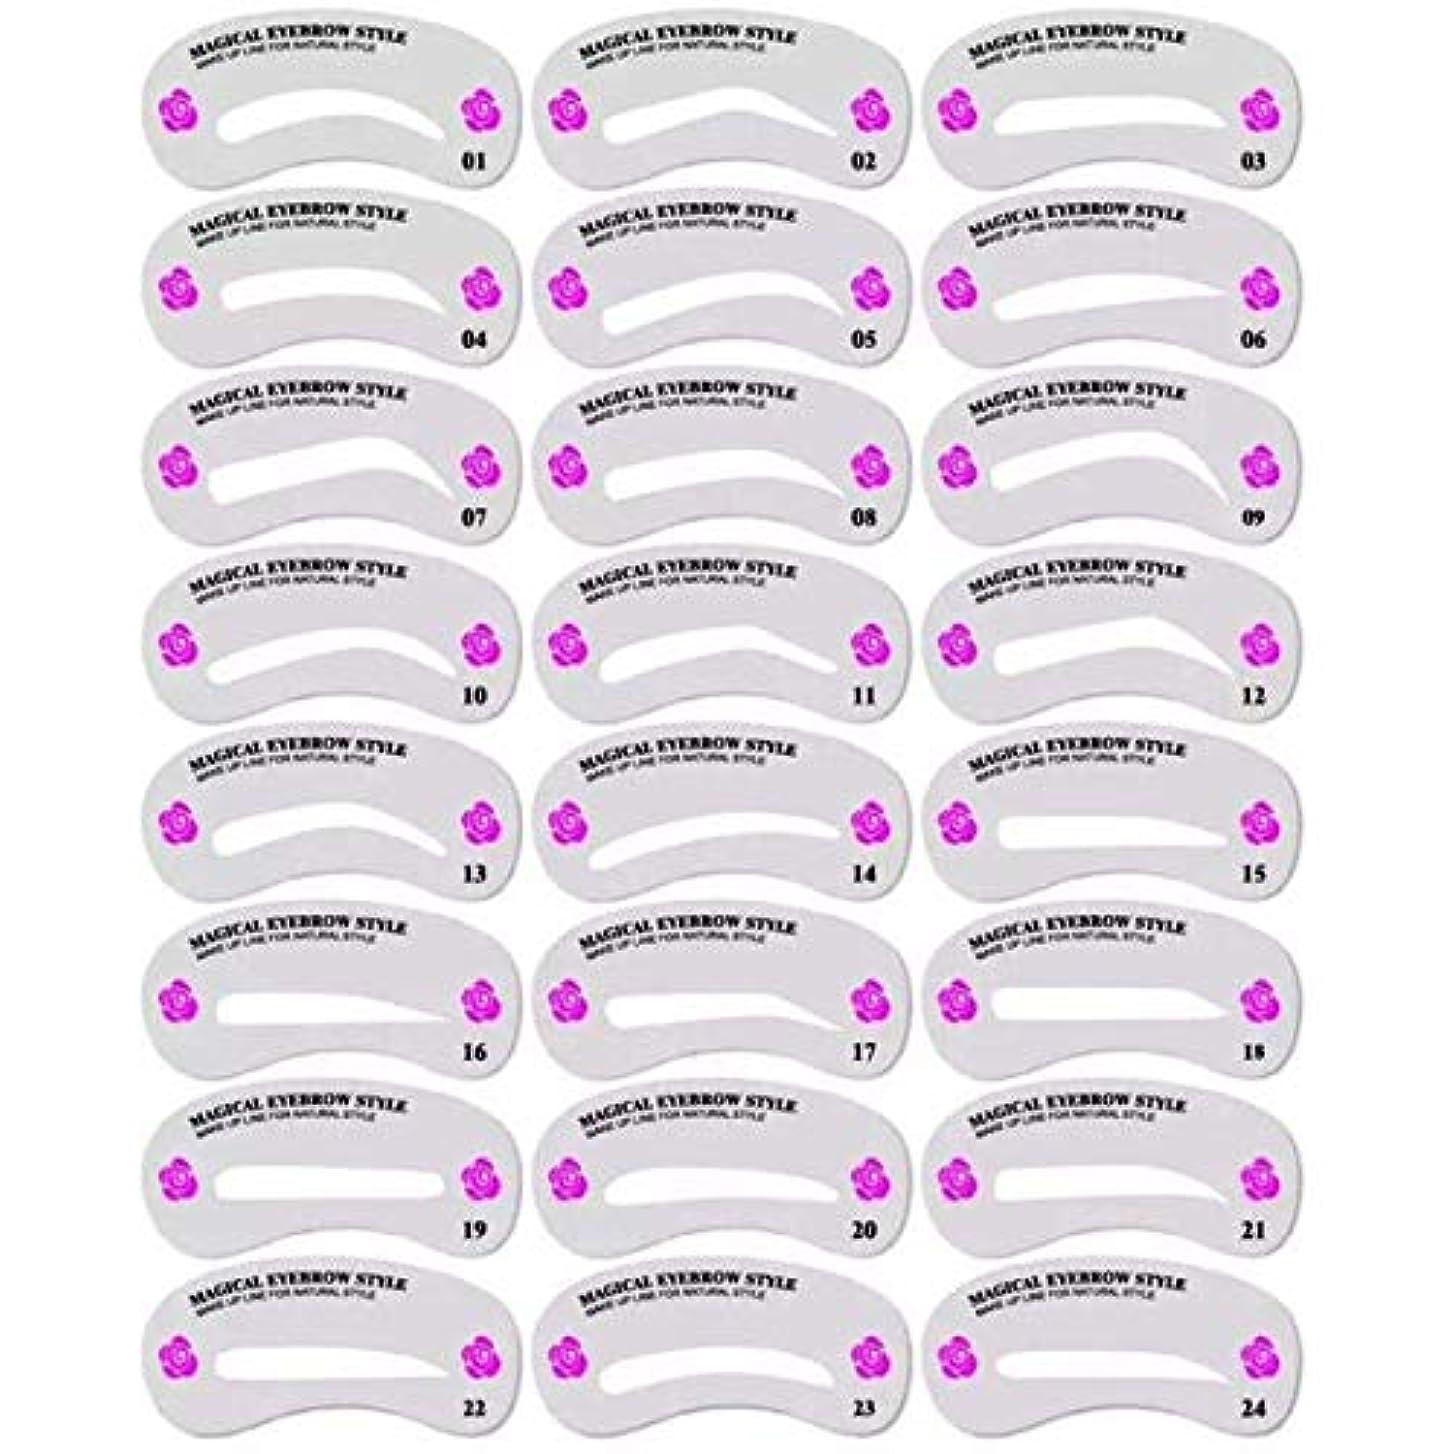 欠席第九聞く眉毛テンプレート 24種類 美容ツール メイクアップ ガイド 眉毛を気分で使い分け 男女兼用 (24枚セット)